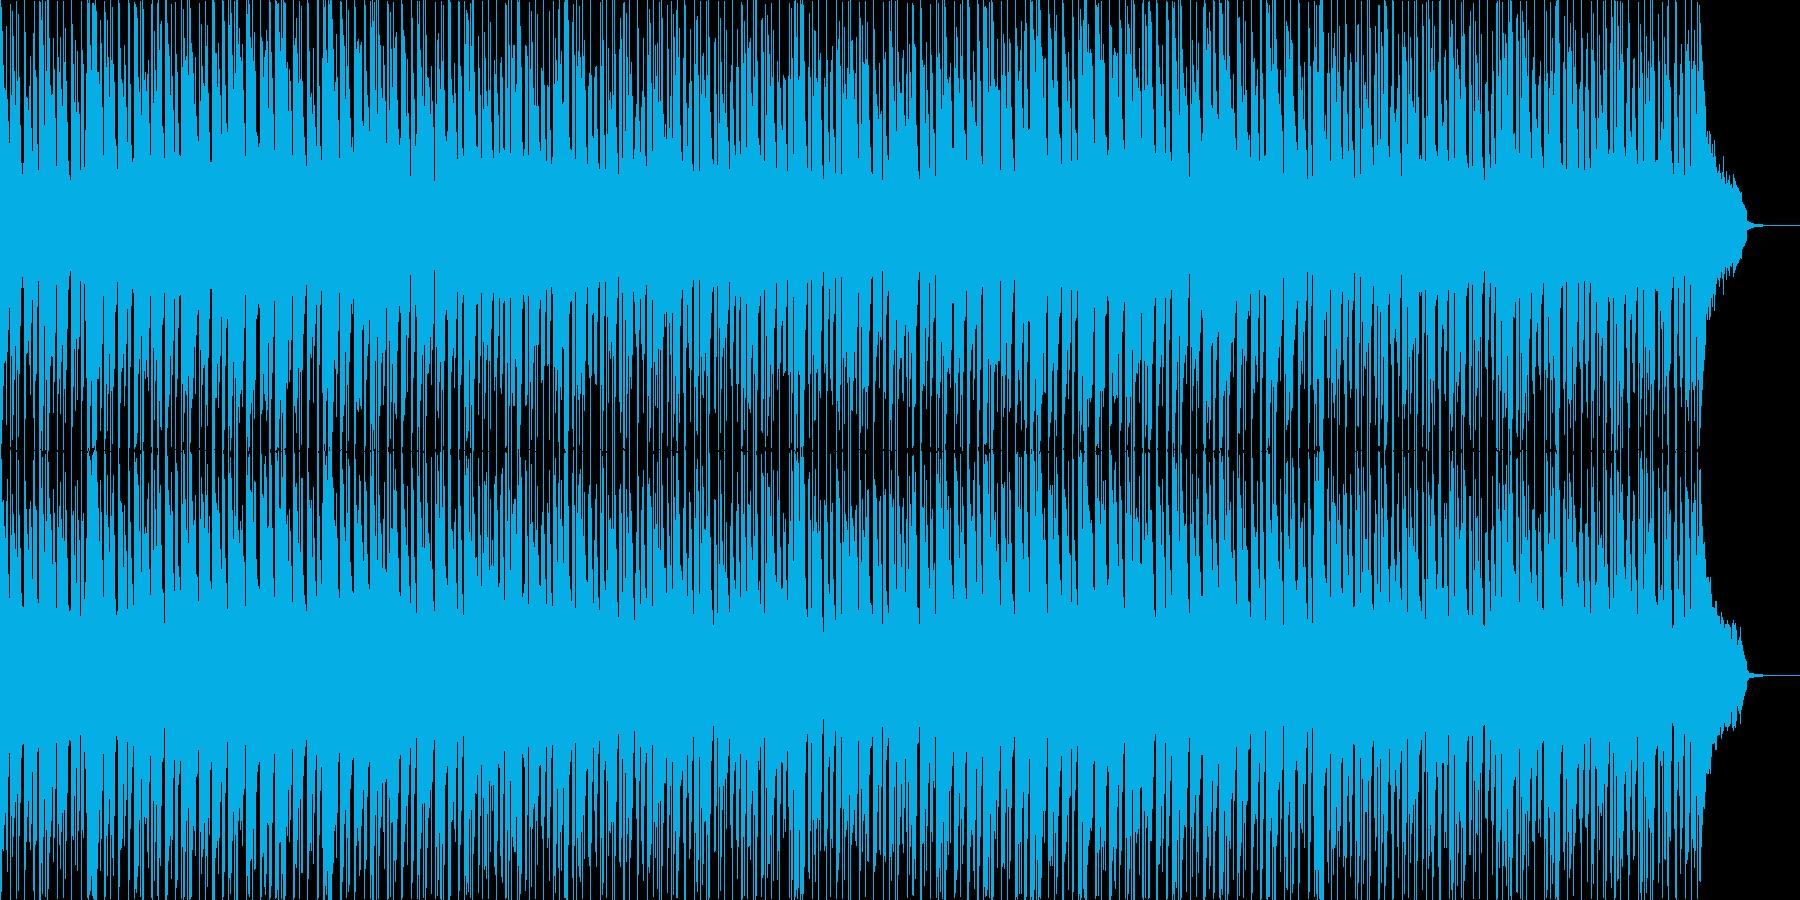 冬のショッピング、ワクワク感のあるBGMの再生済みの波形